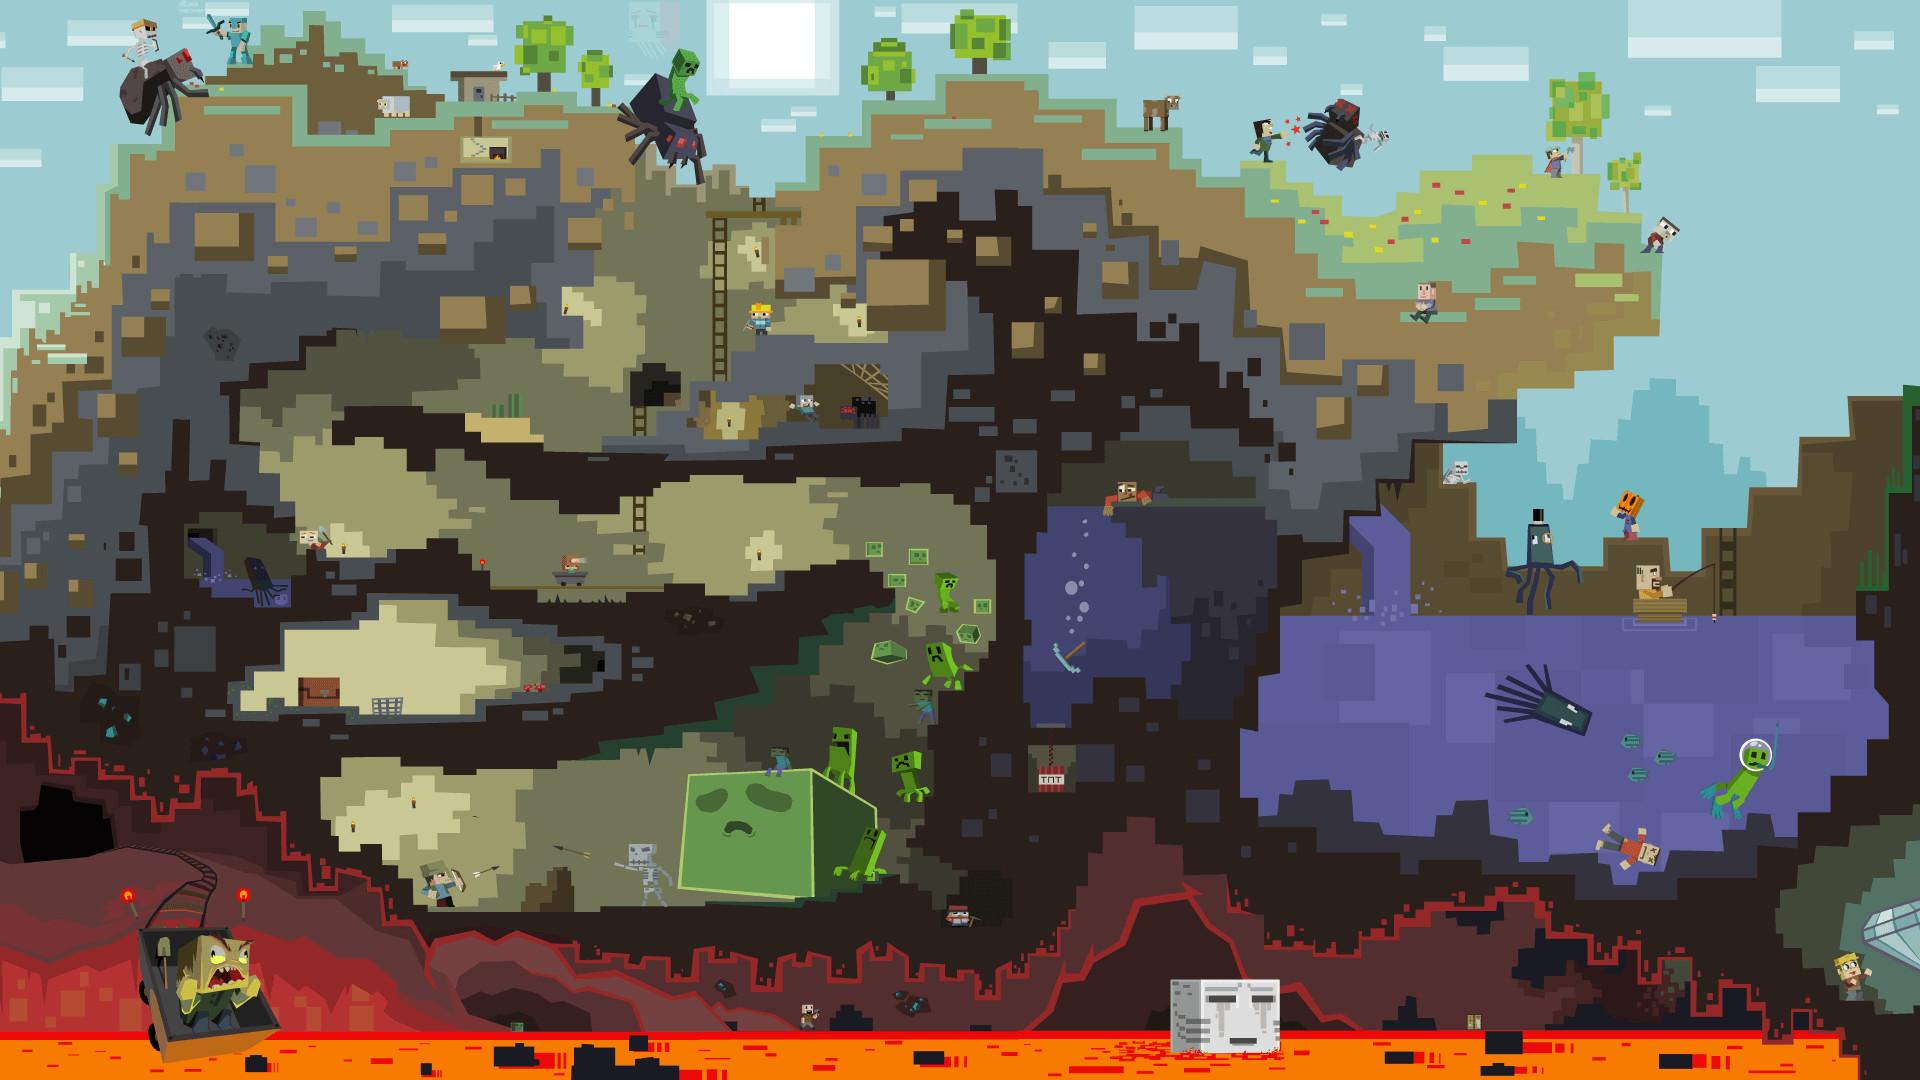 Minecraft wallpaper. ⛔ [35+] Minecraft